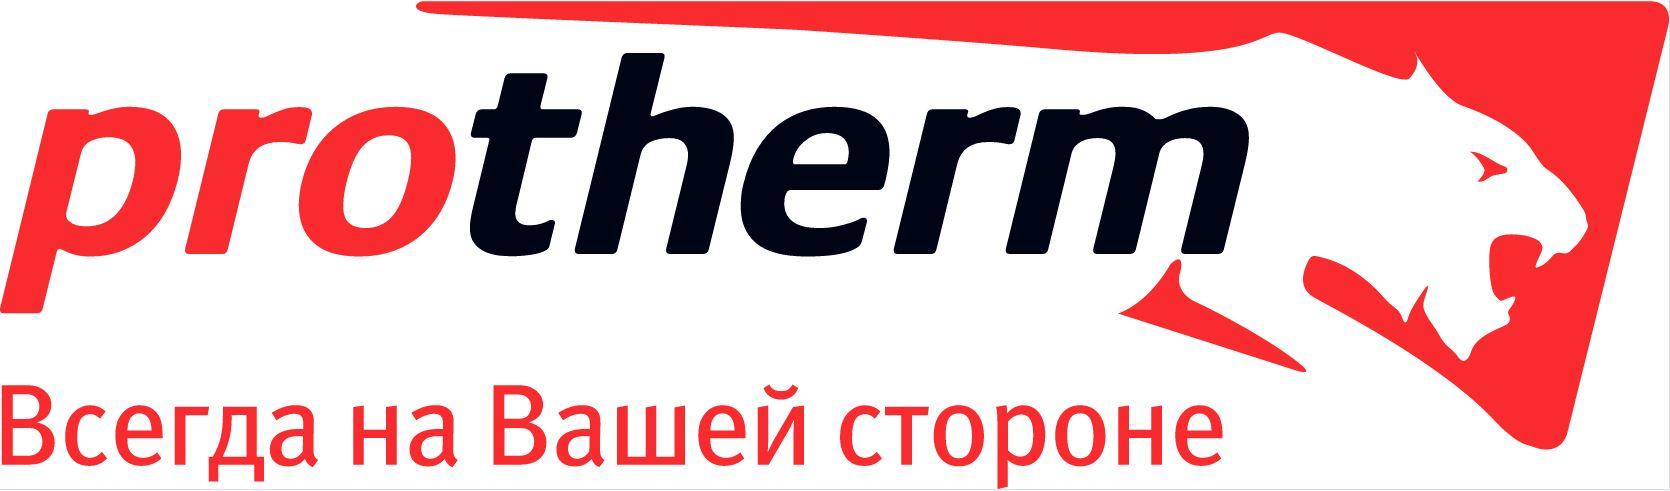 Protherm_logo